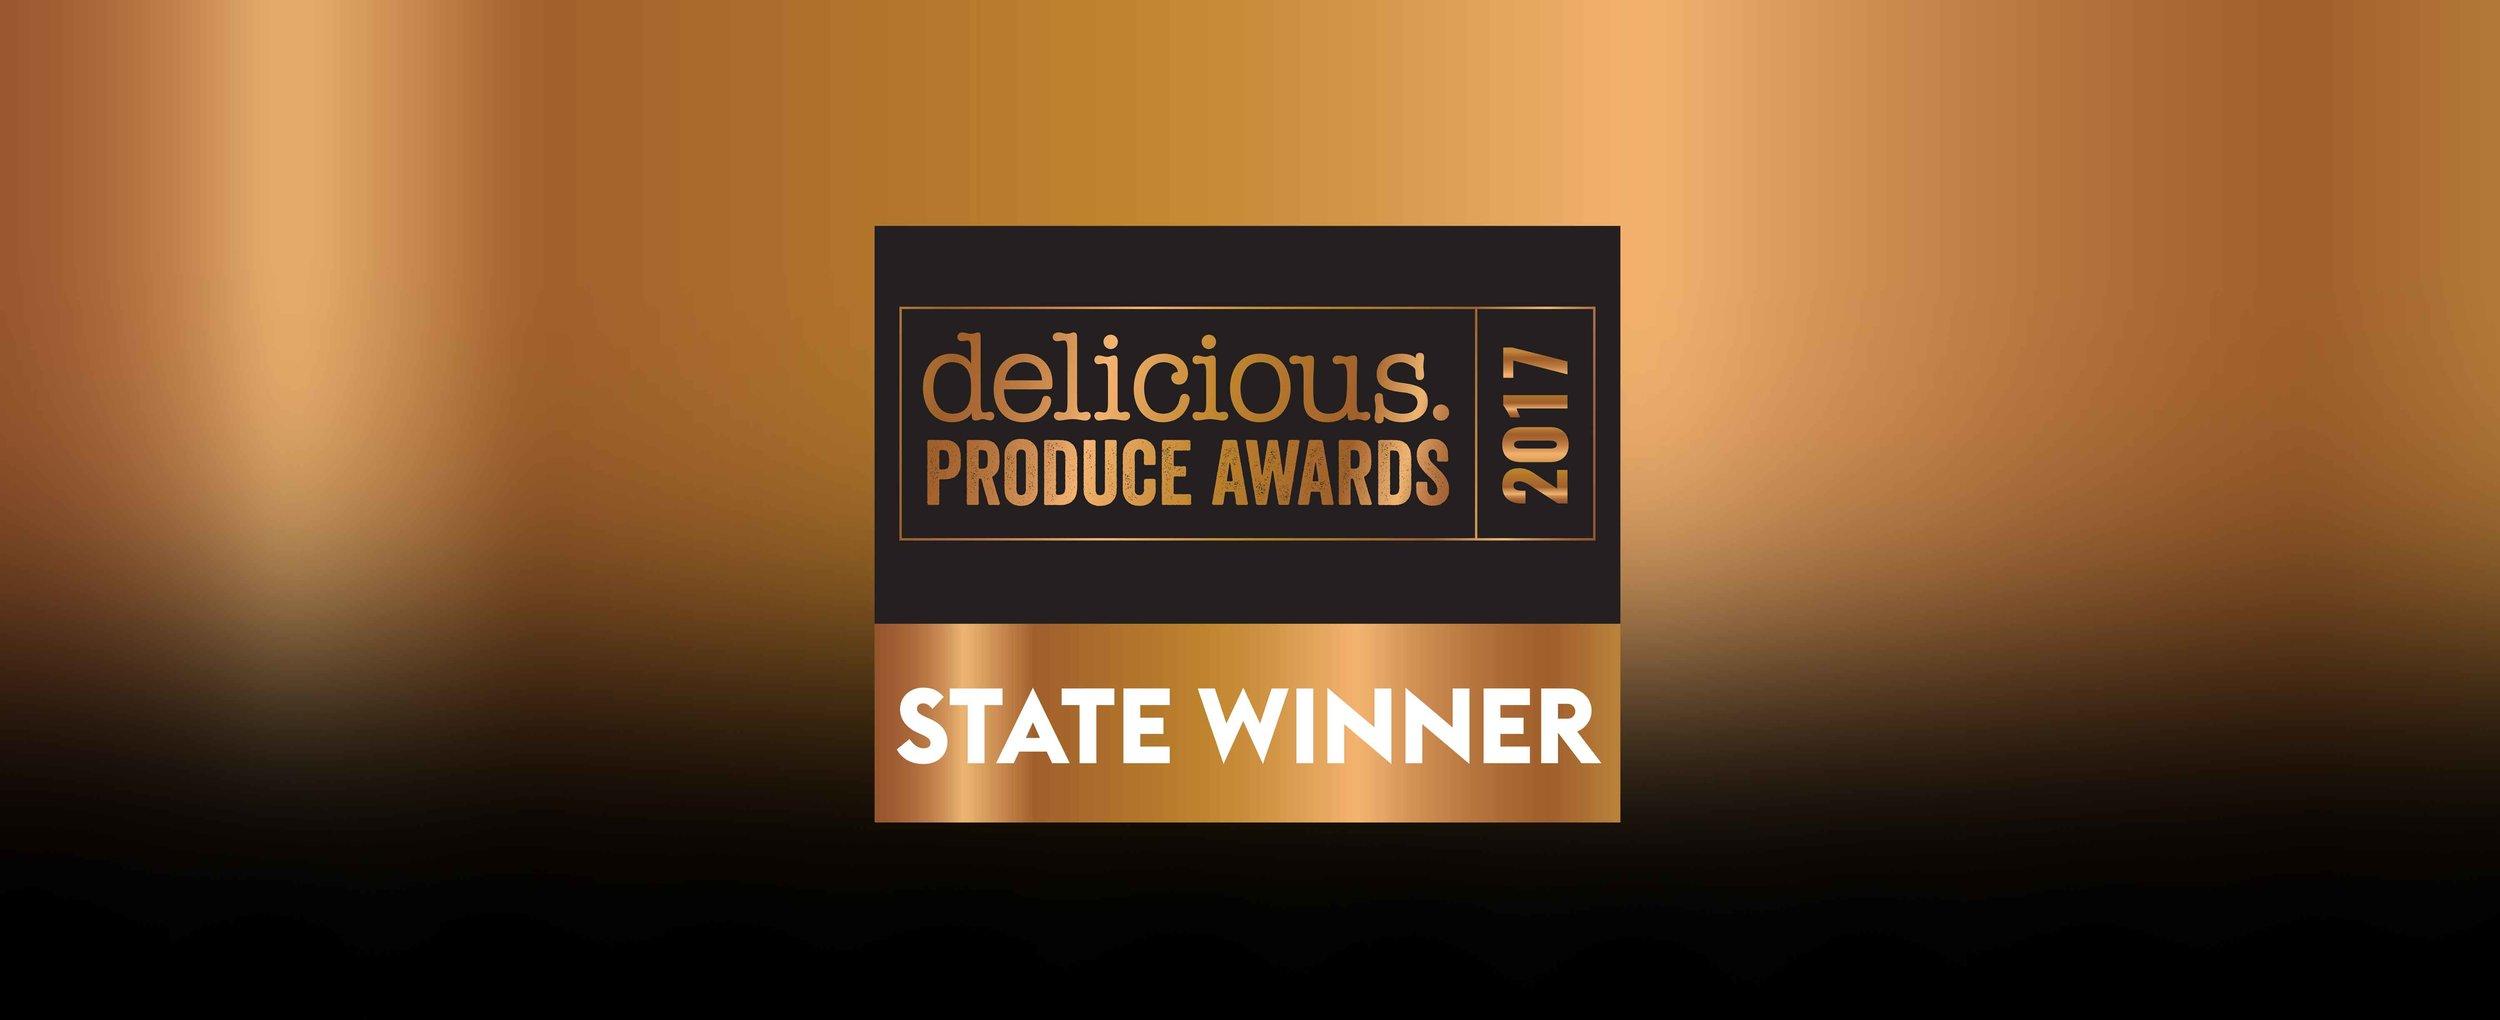 State-Winner.jpg